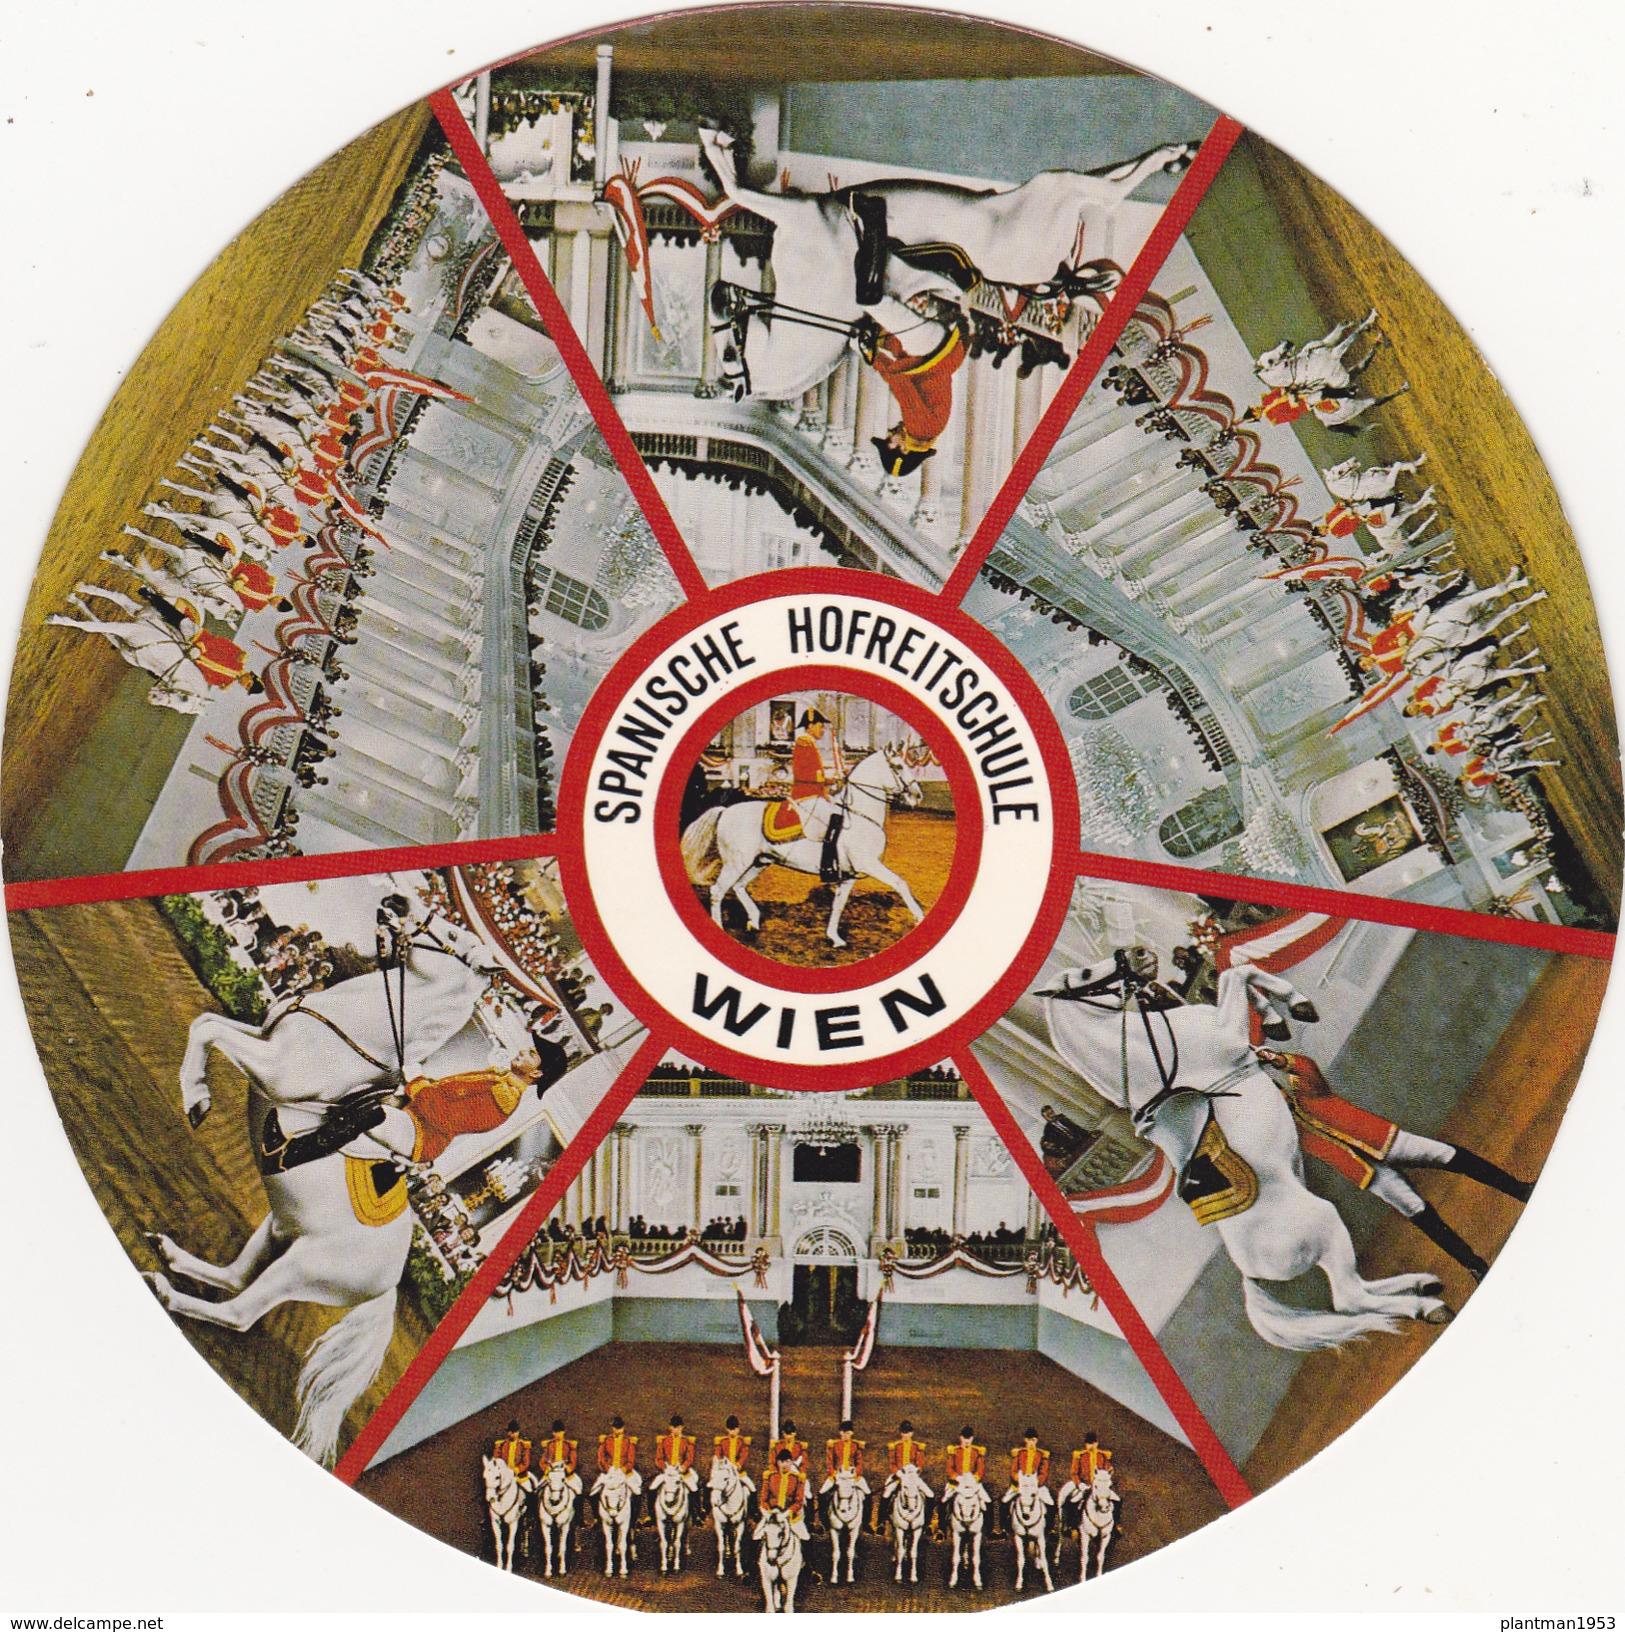 Big Round Postcard Of Spanische Hofreitschule,Wien,Vienna, Austria,L42. - Vienna